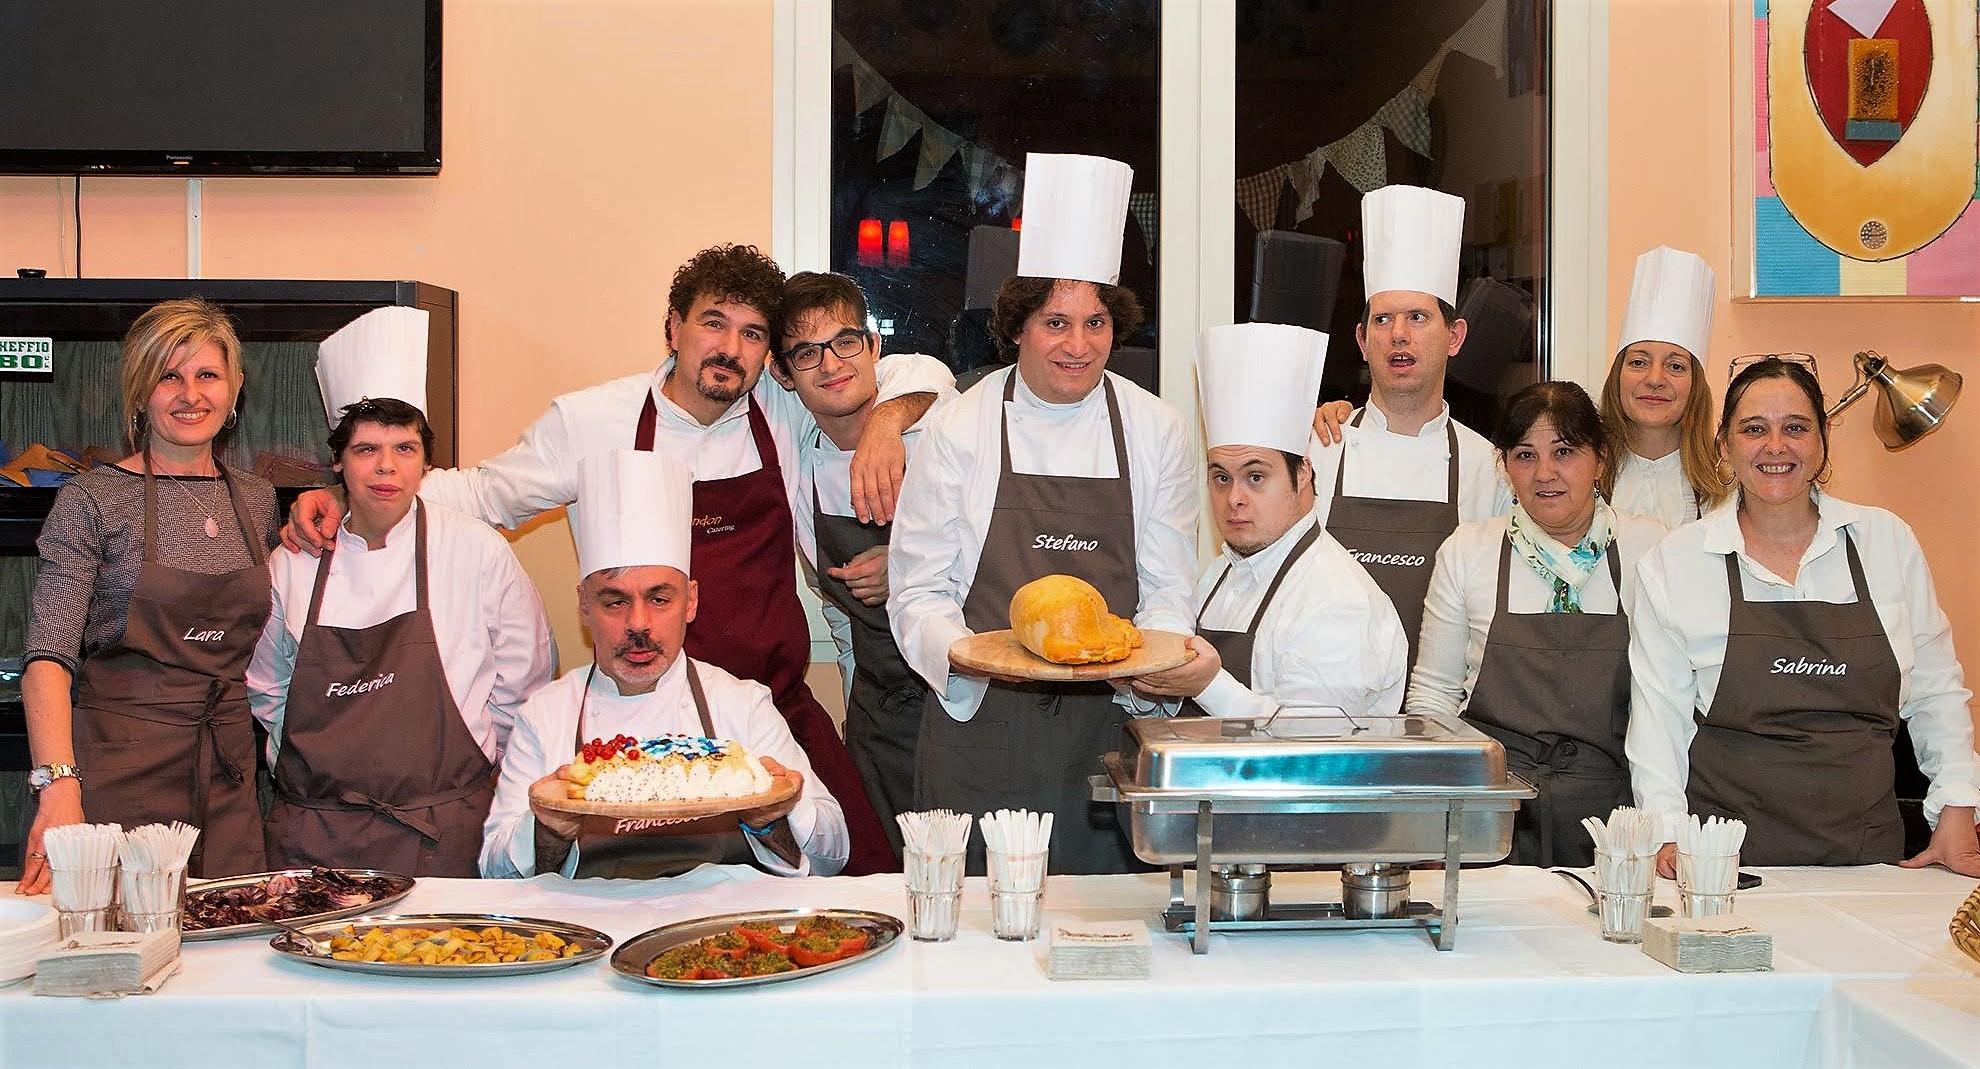 Una brigata speciale ed uno Chef d'eccezione per una cena all'insegna della solidarietà